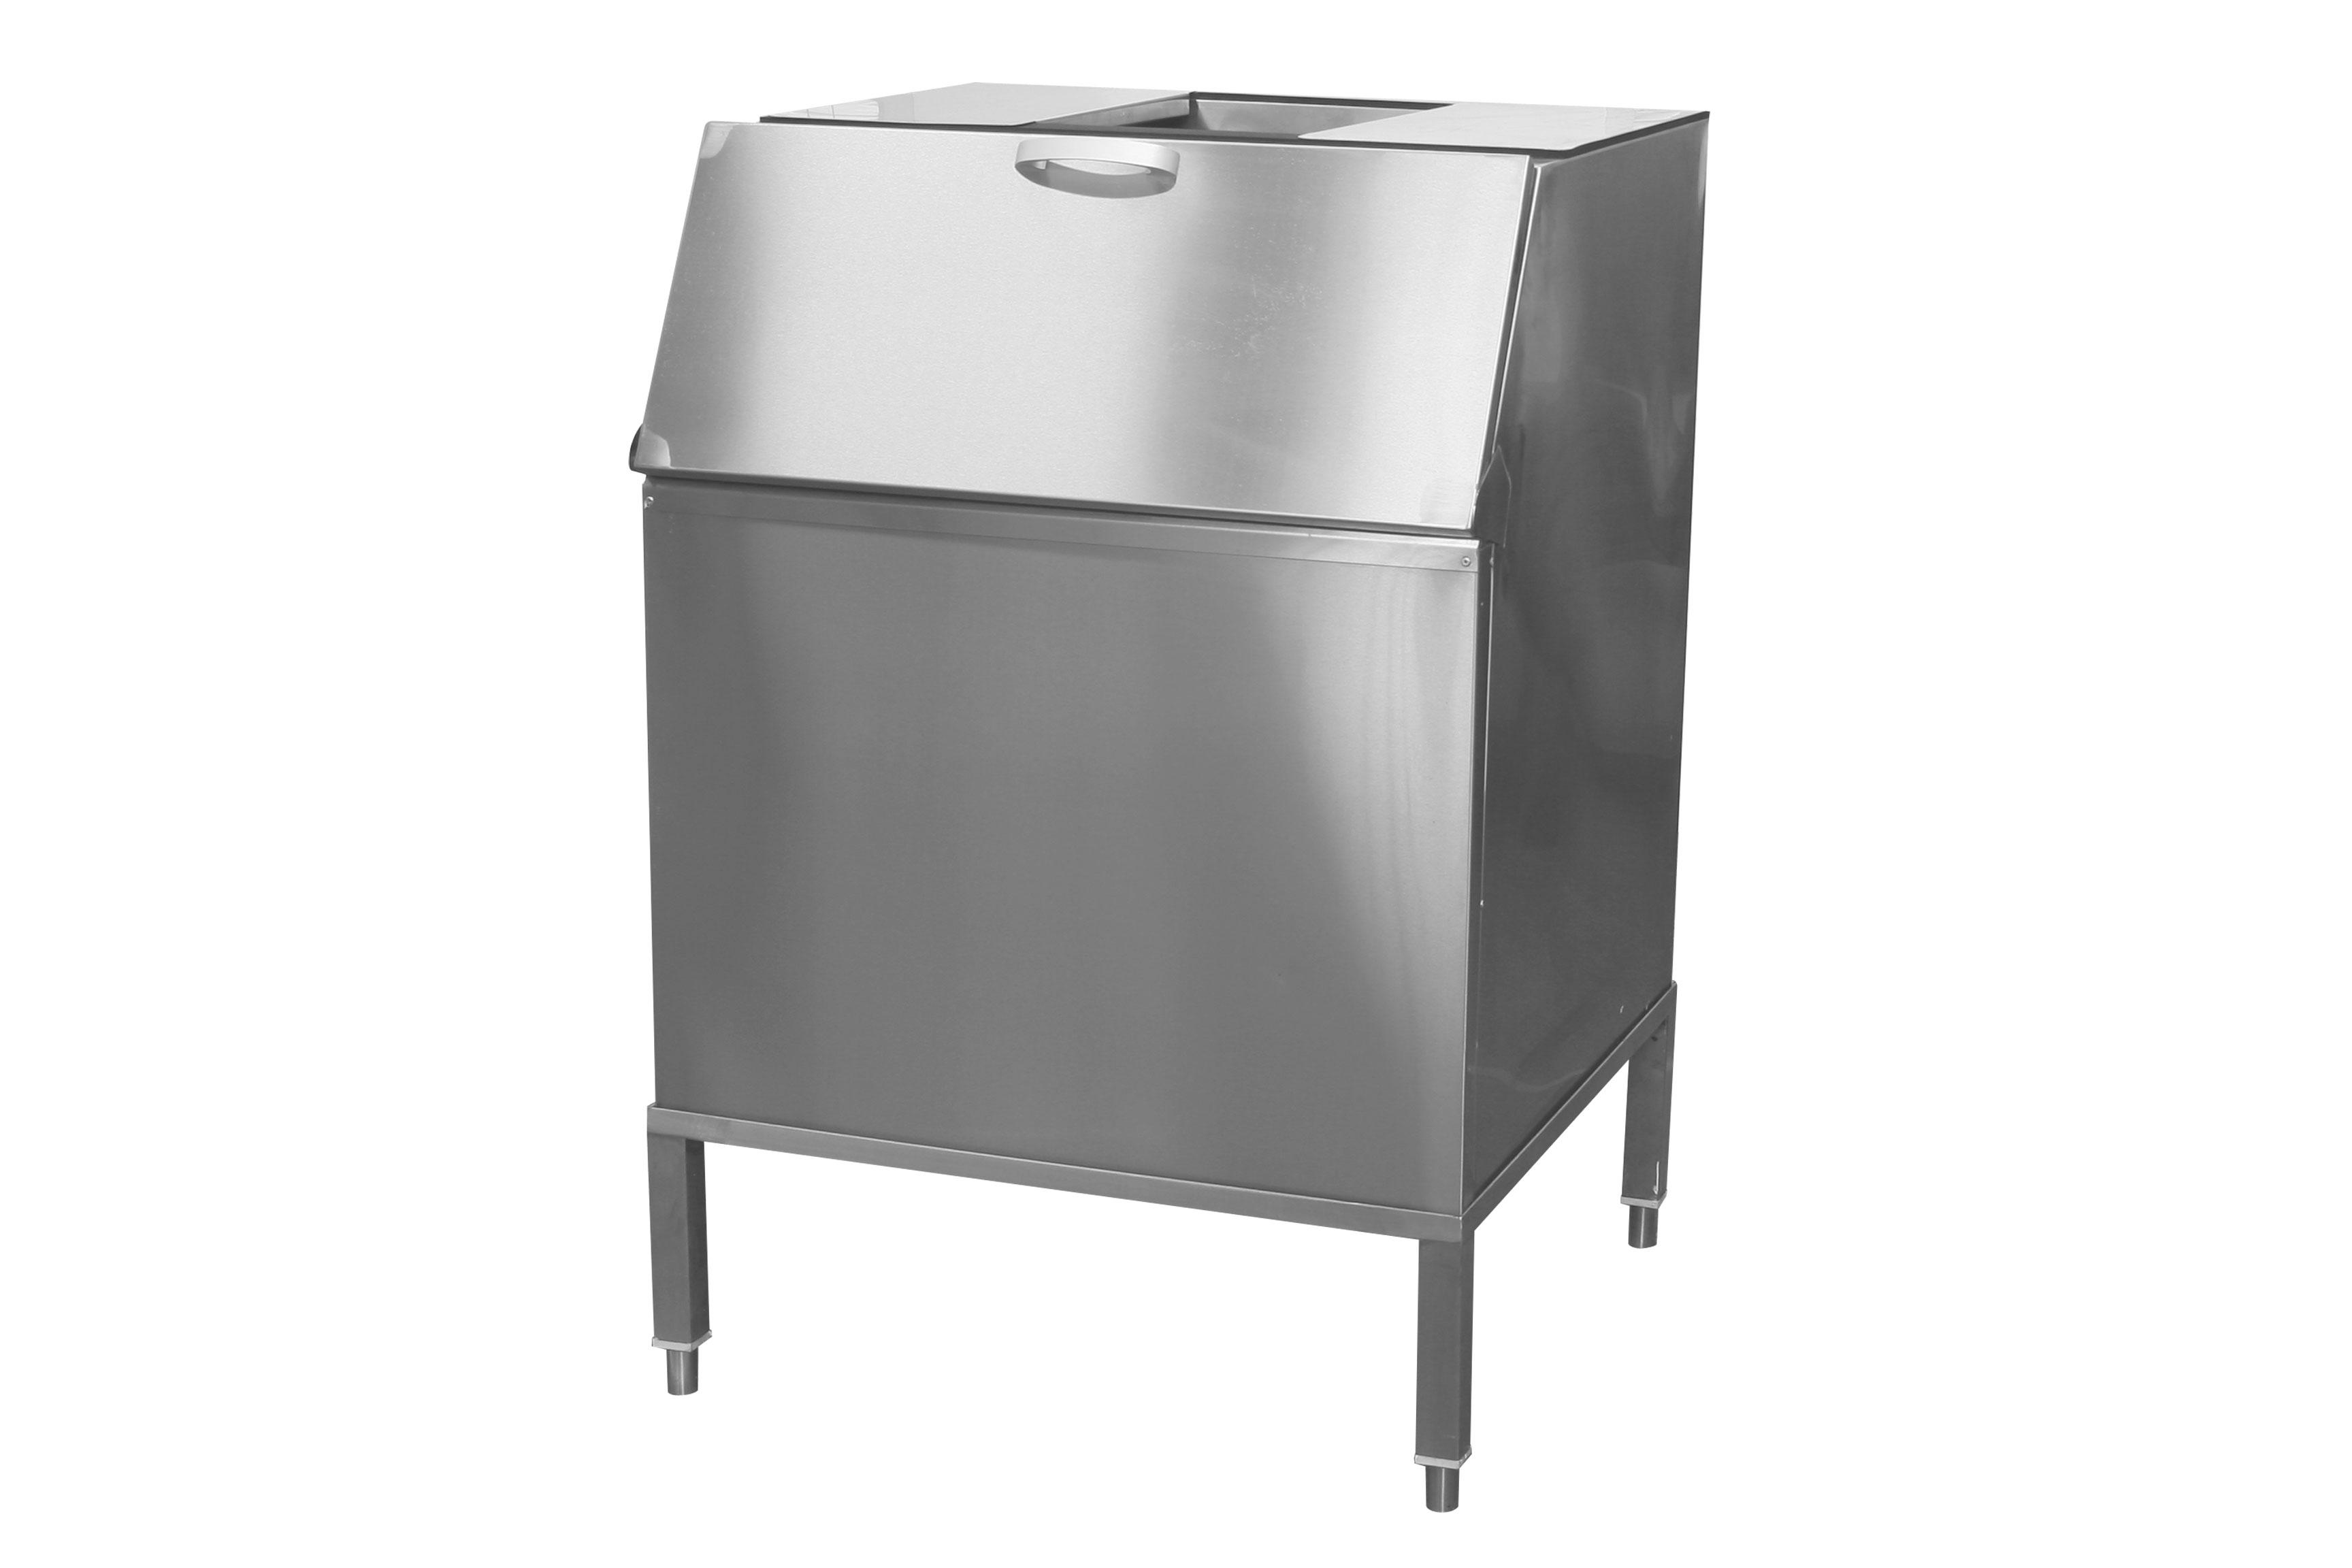 ICE MAKER BIN S/S- 320 kg CAPACITY(B320)